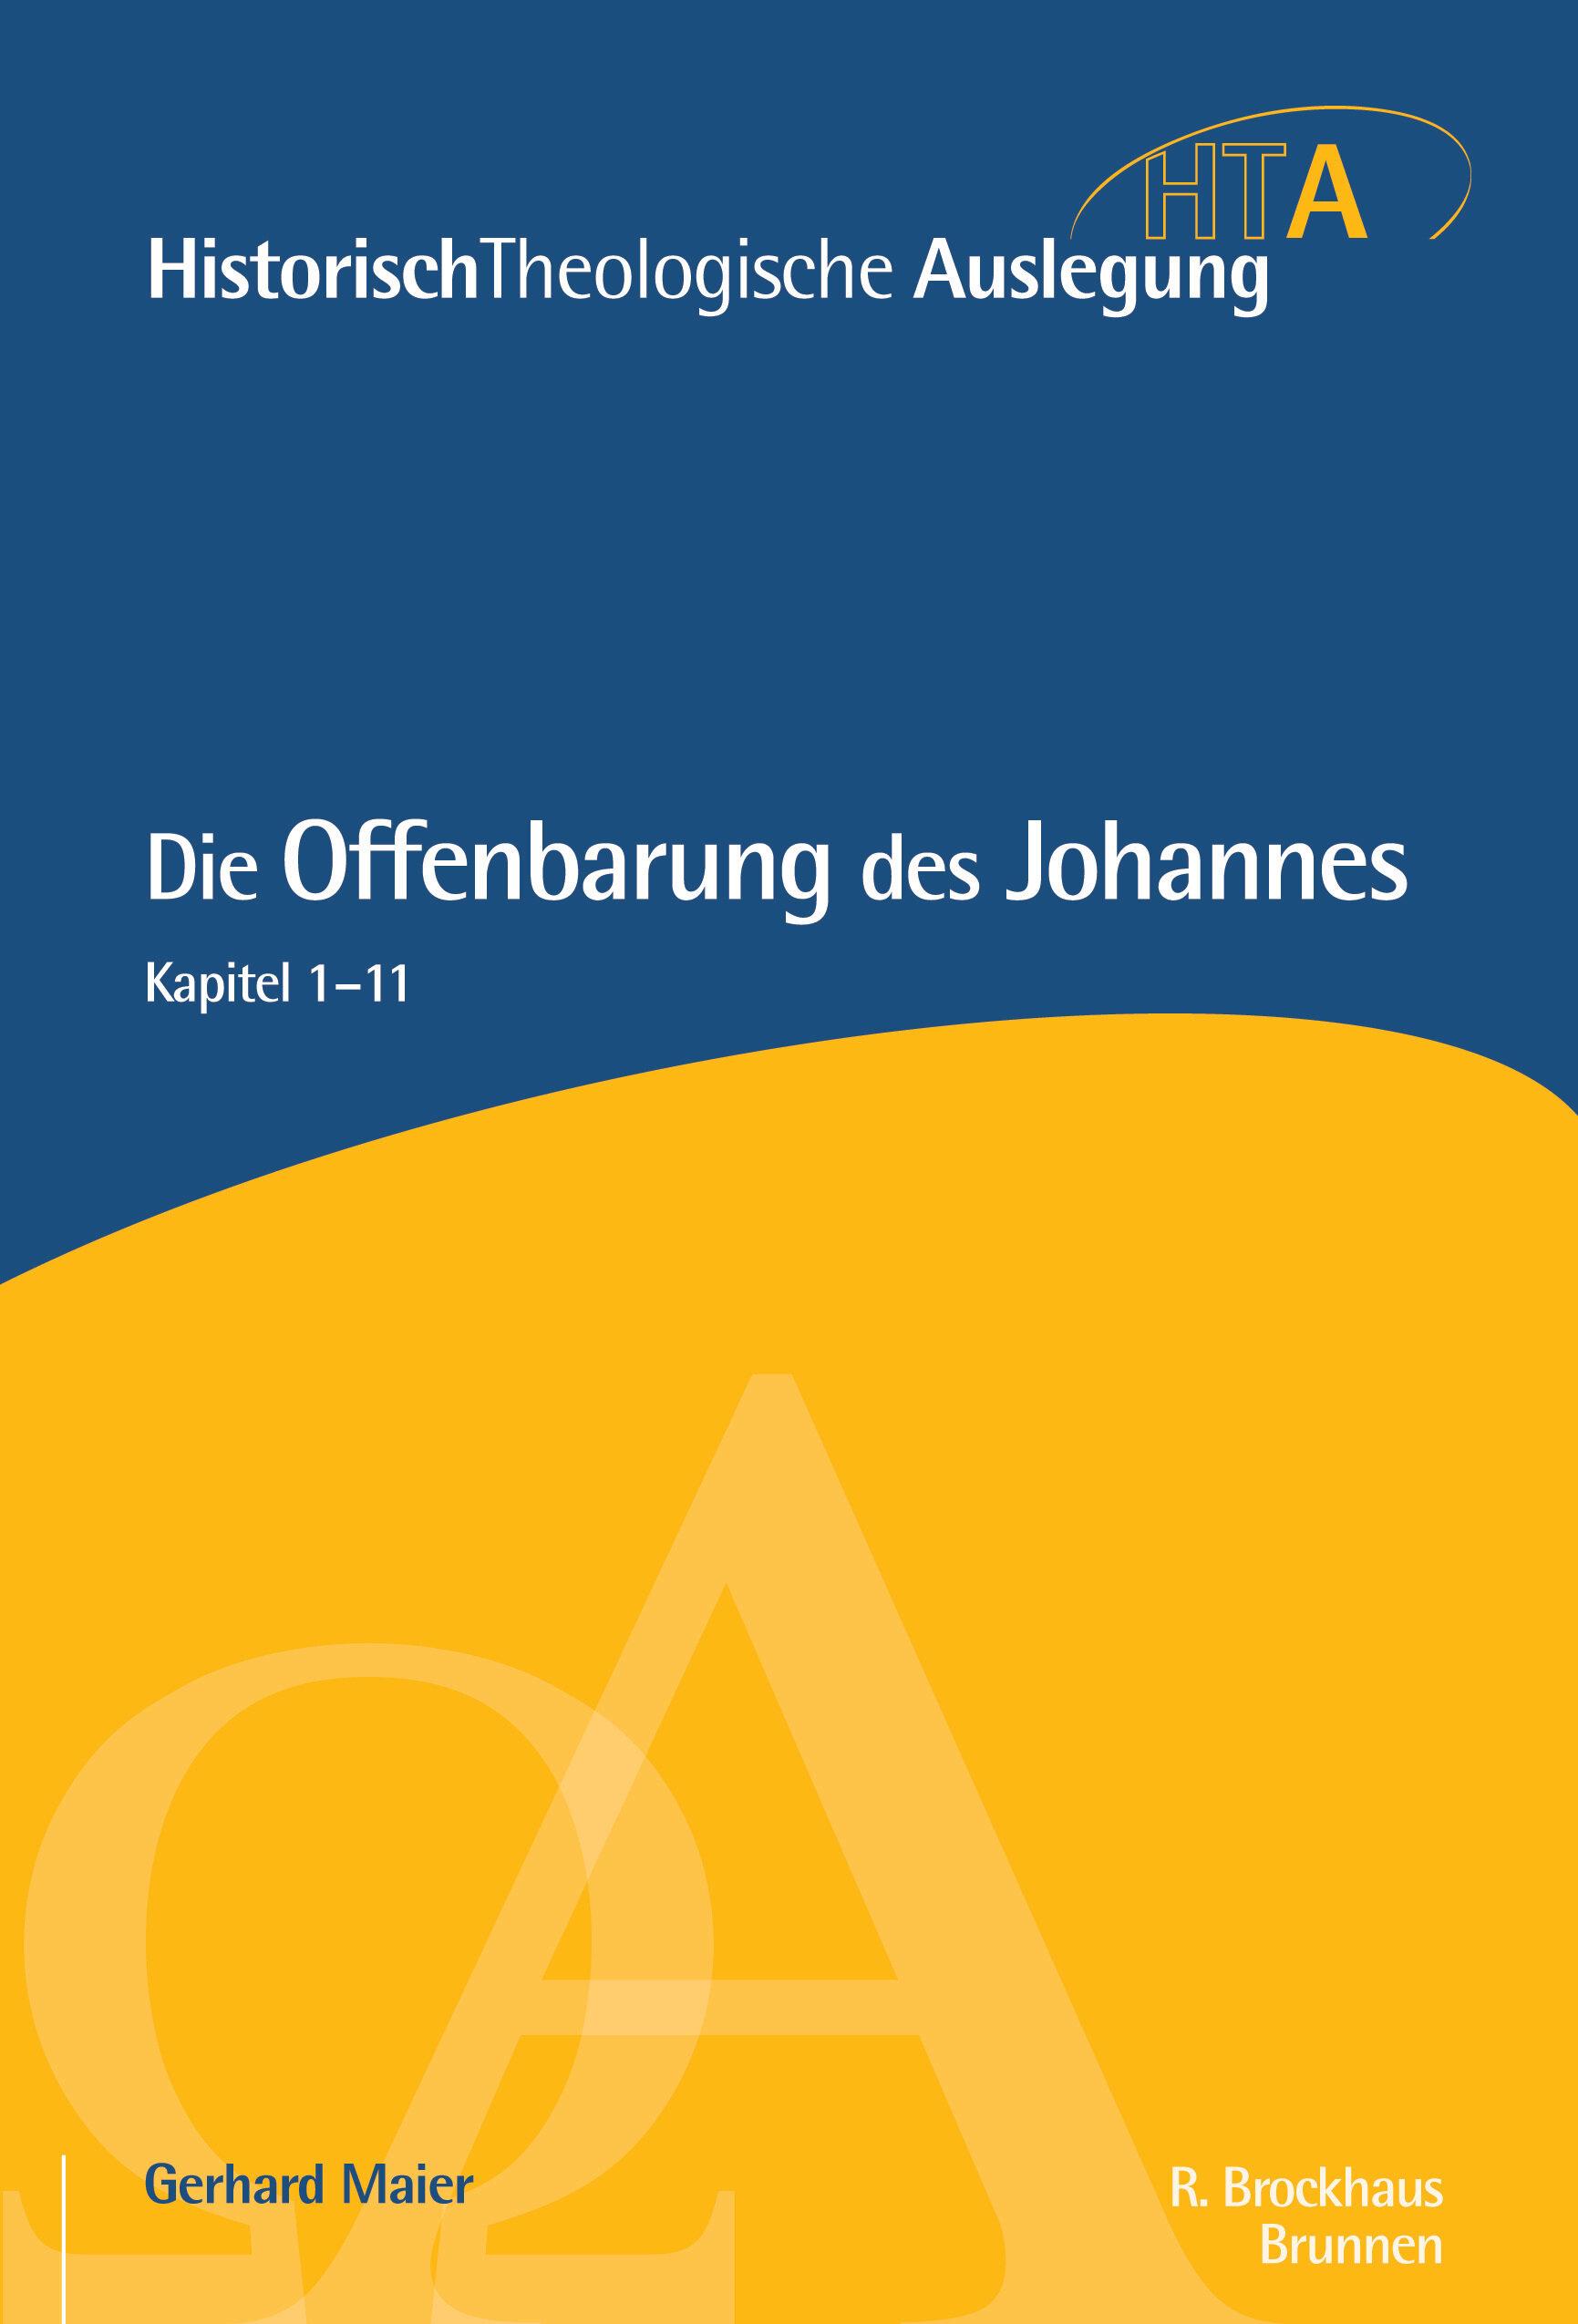 Die Offenbarung des Johannes: Kapitel 1–11 (Historisch-Theologische Auslegung | HTA)